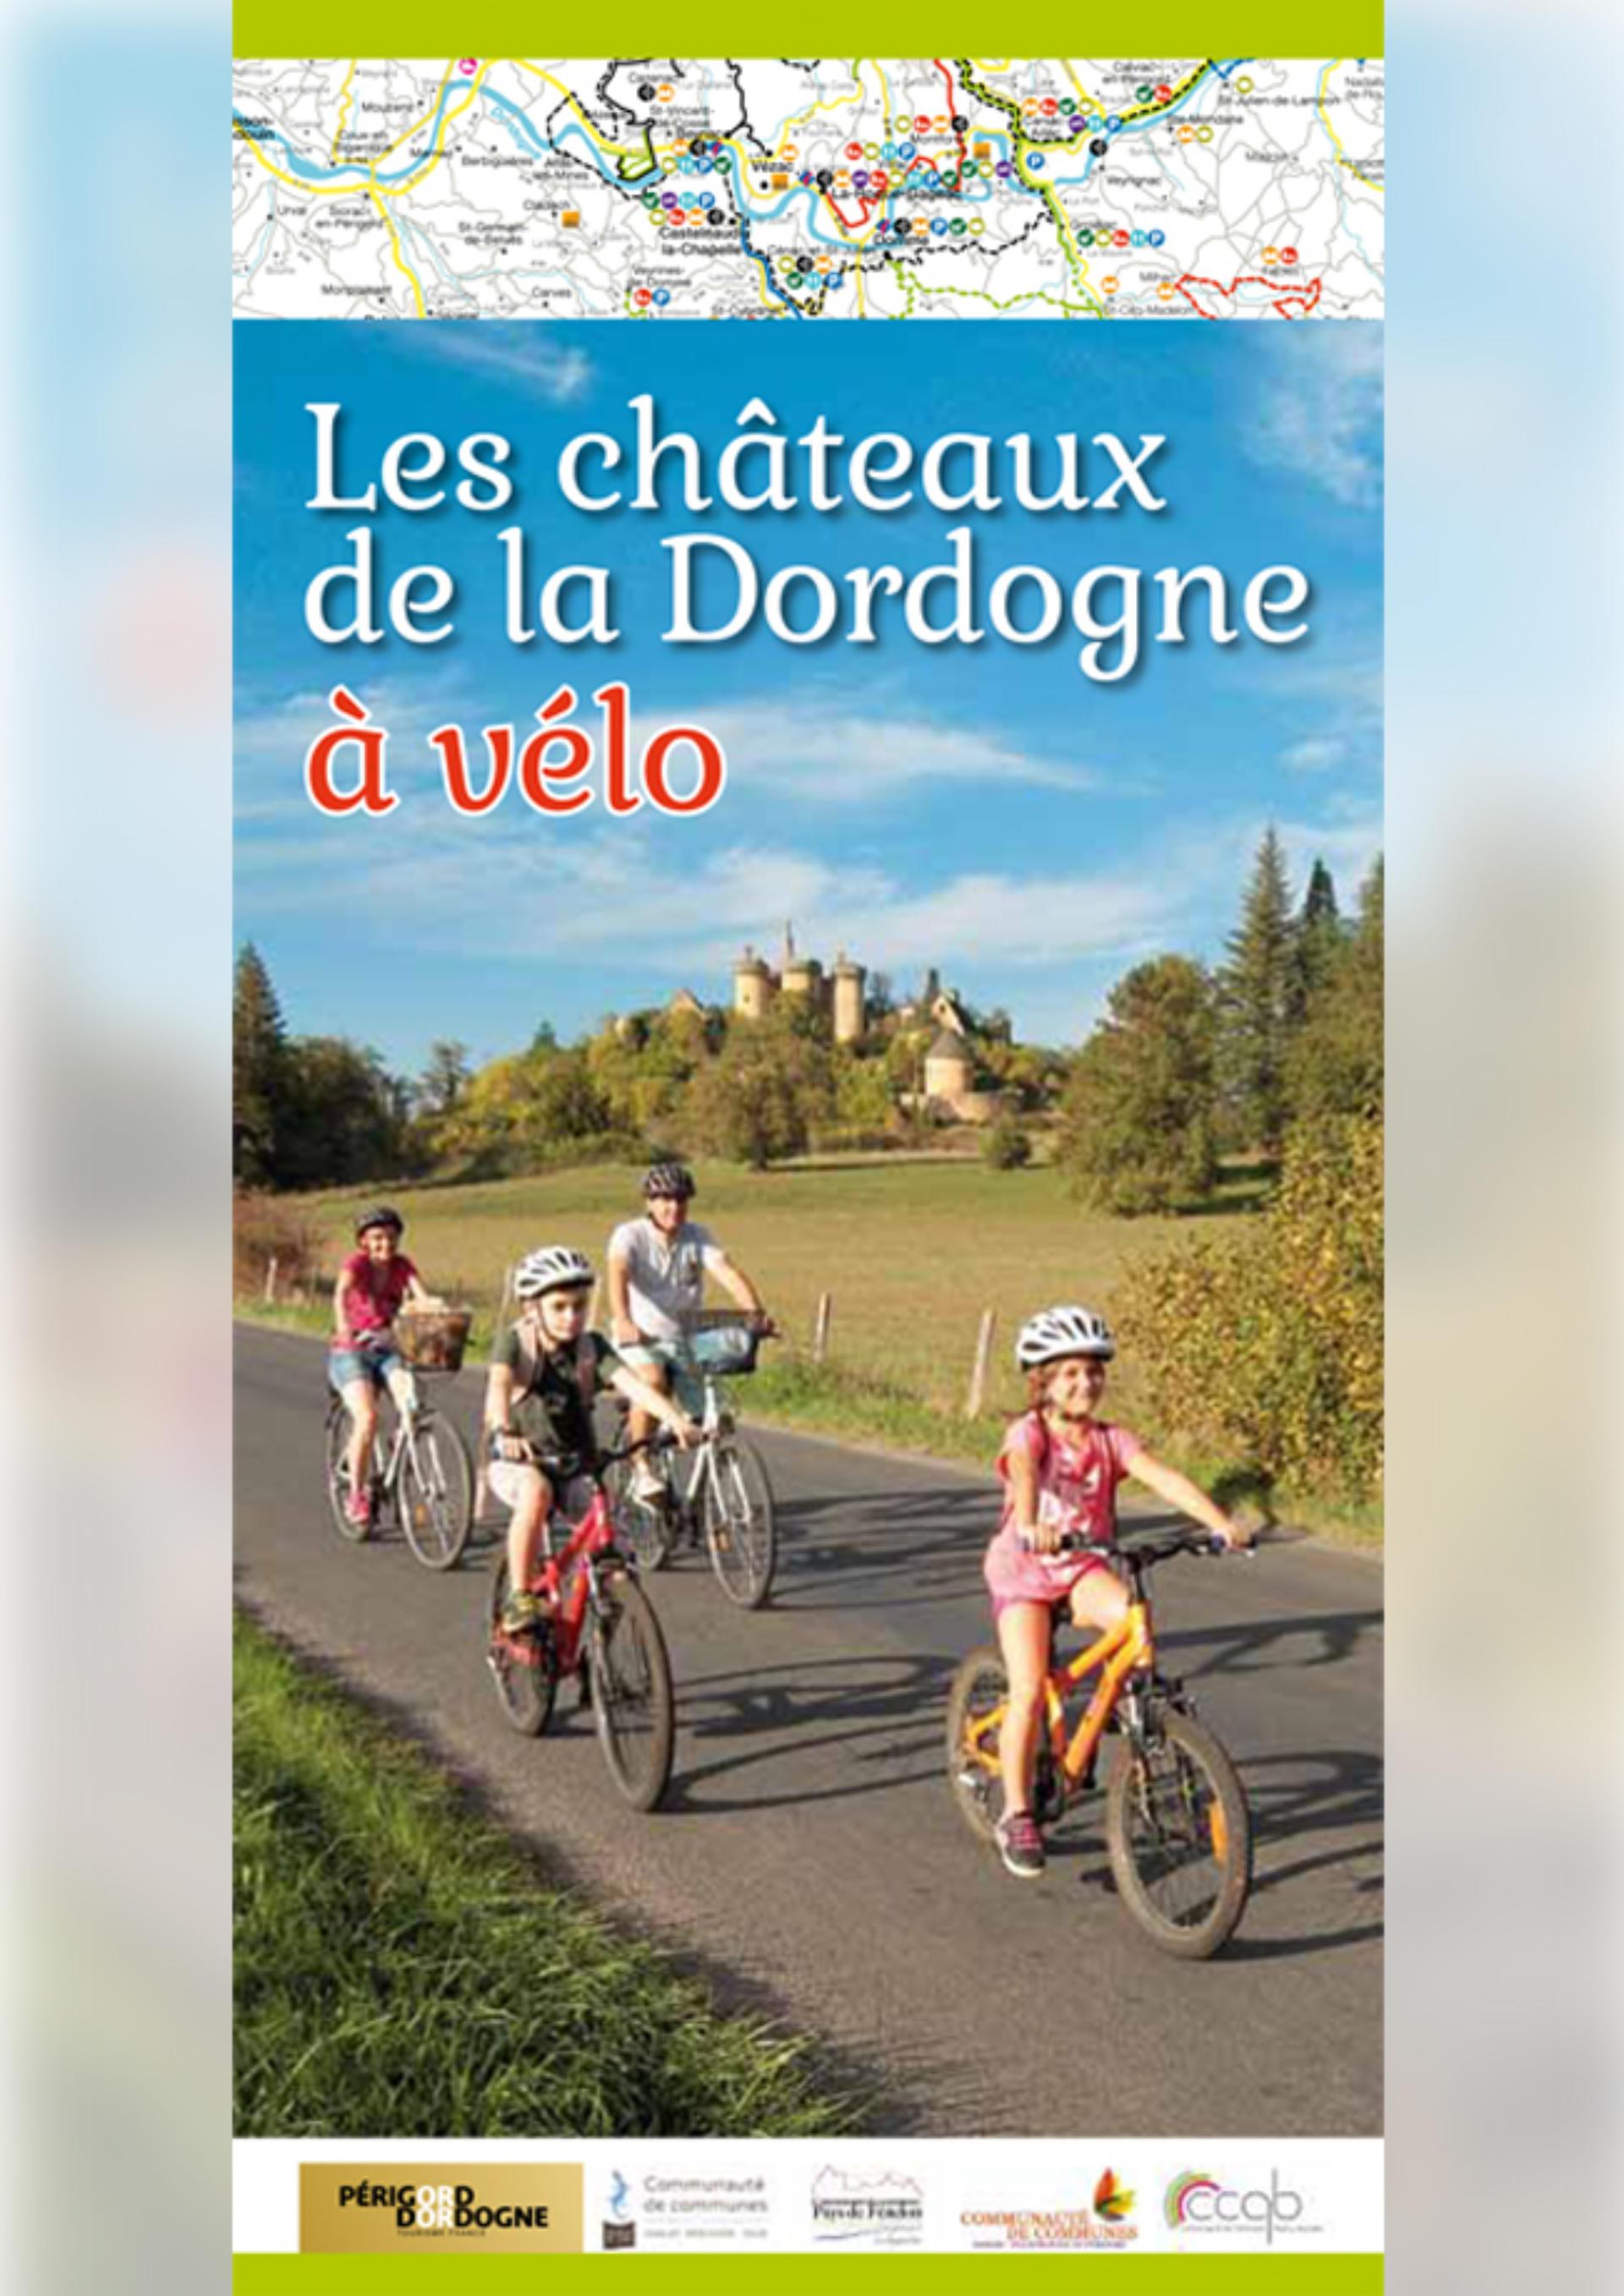 Carte des châteaux de la Dordogne à vélo